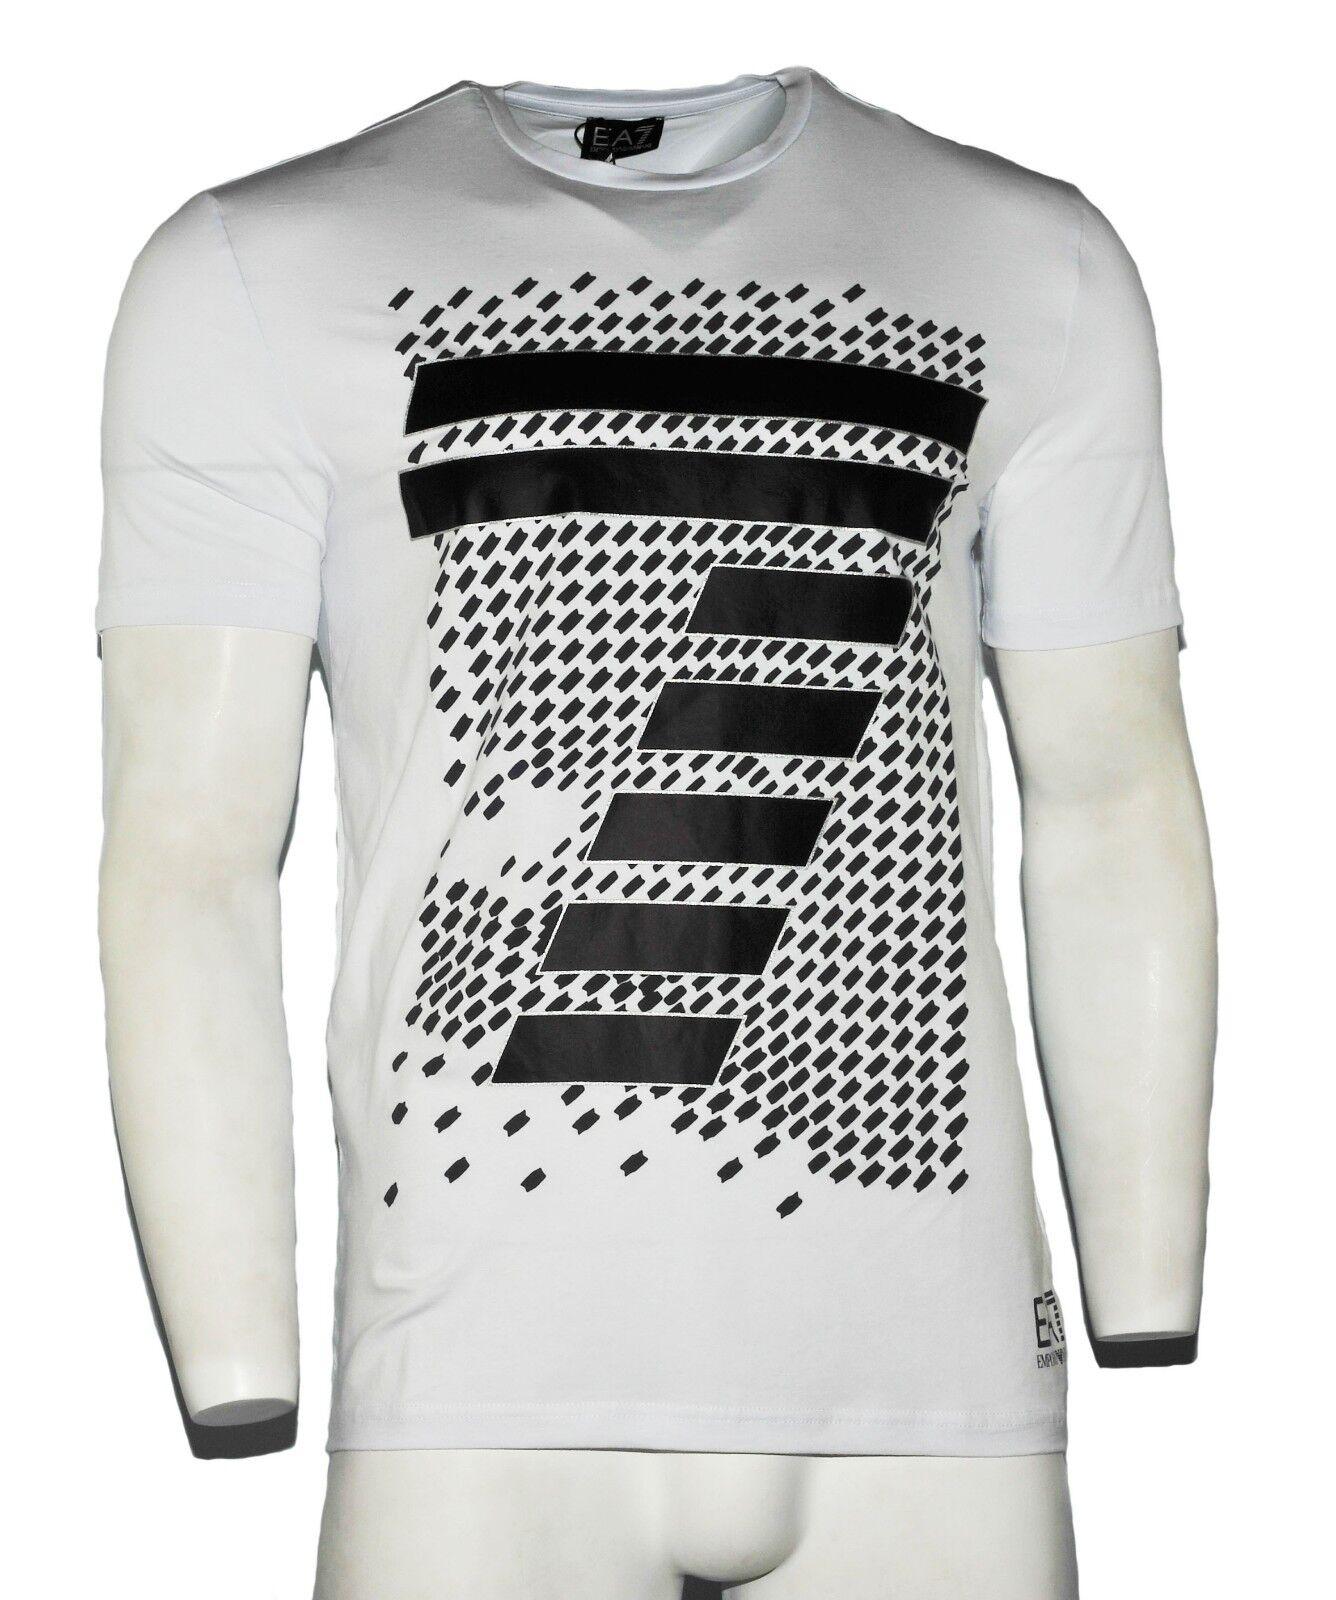 Herren Armani Jeans T-Shirt Mode Muster Rundhals Weiß Größe S M L XL XXL